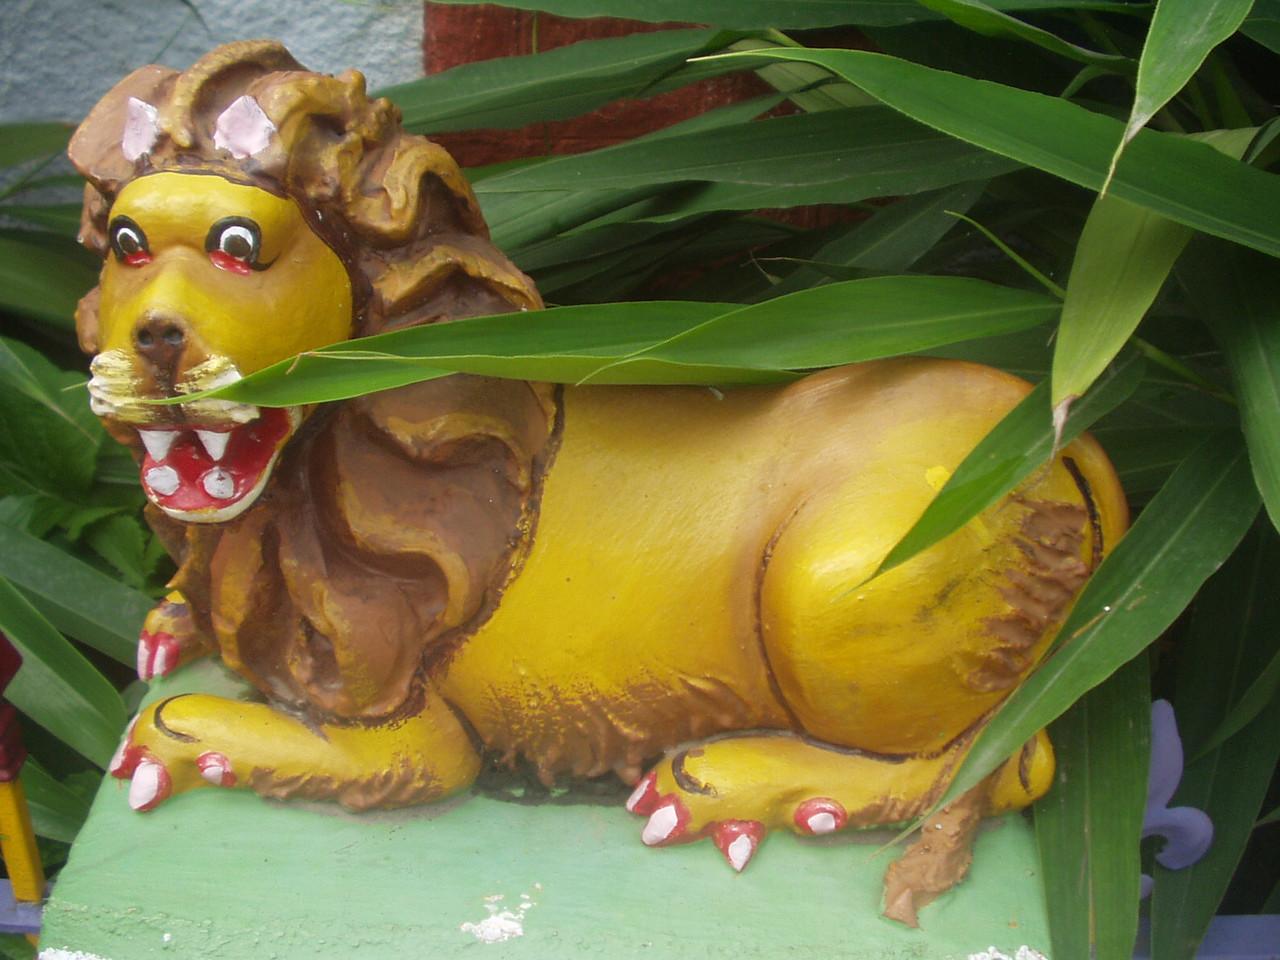 18 January: Lion